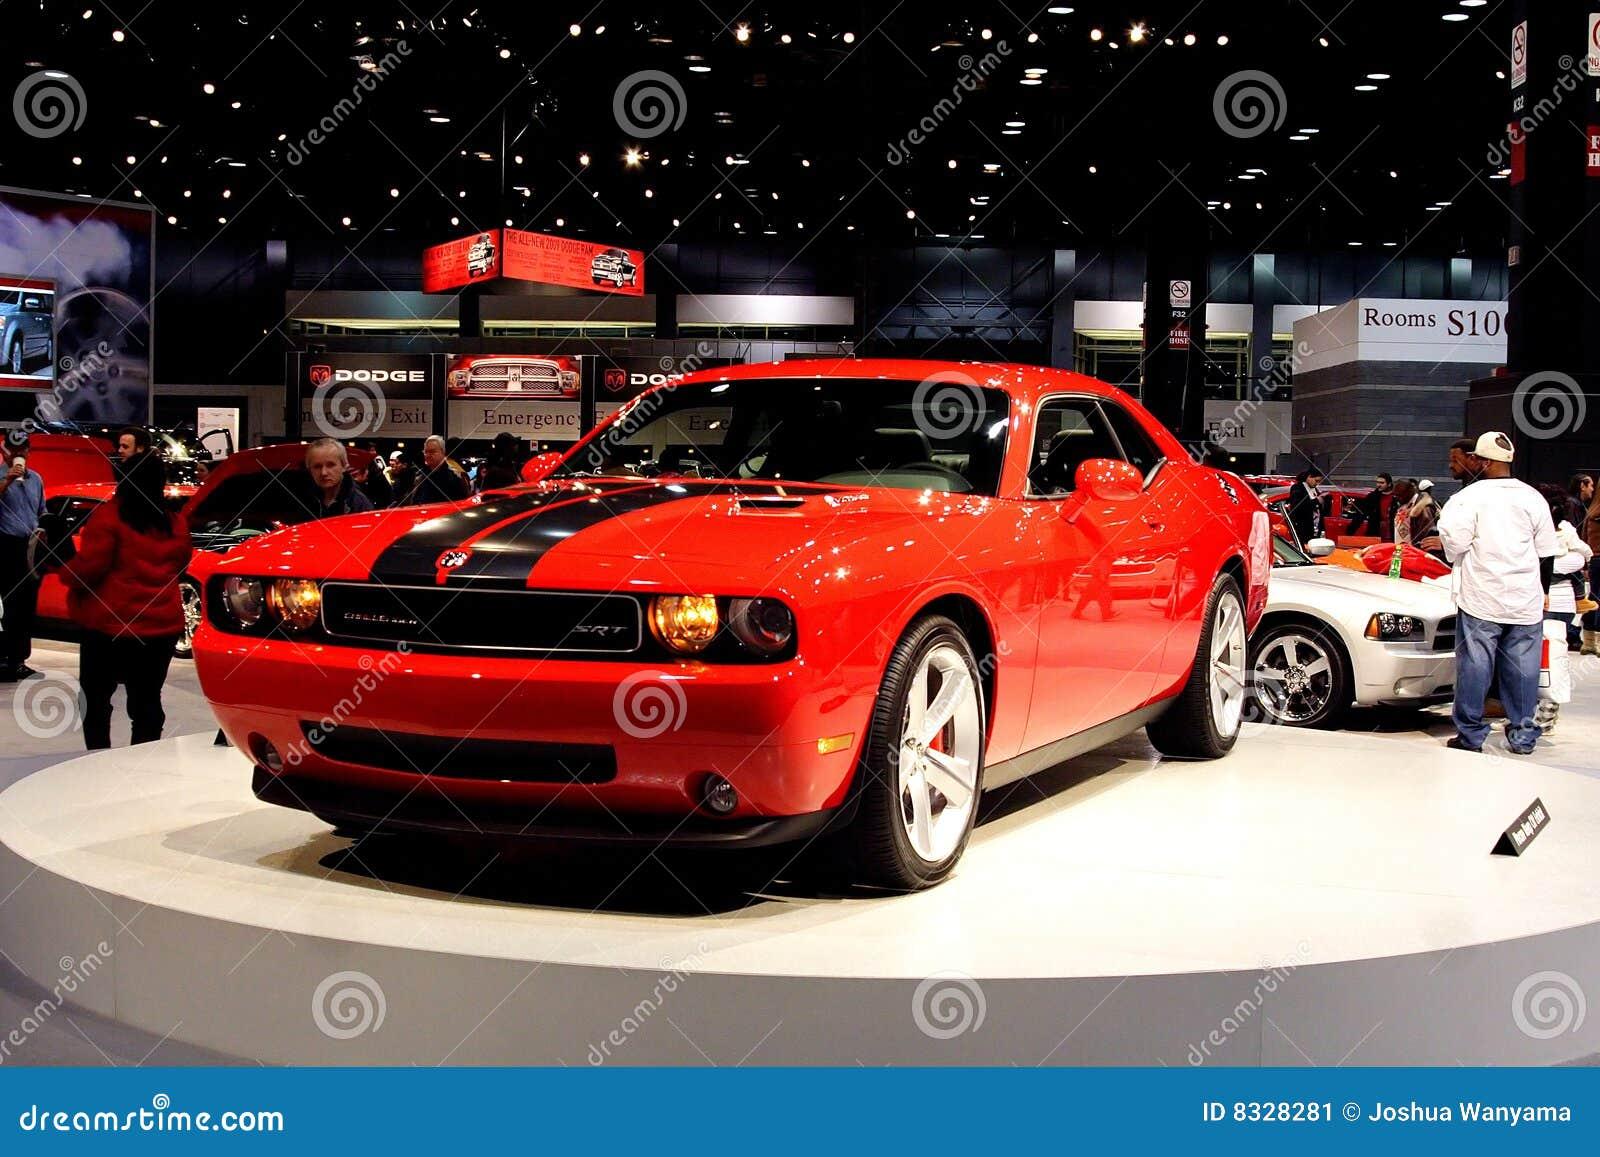 Scion Frs For Sale St Louis >> Dodge Challenger Specs 1970 Challenger.html | Autos Weblog